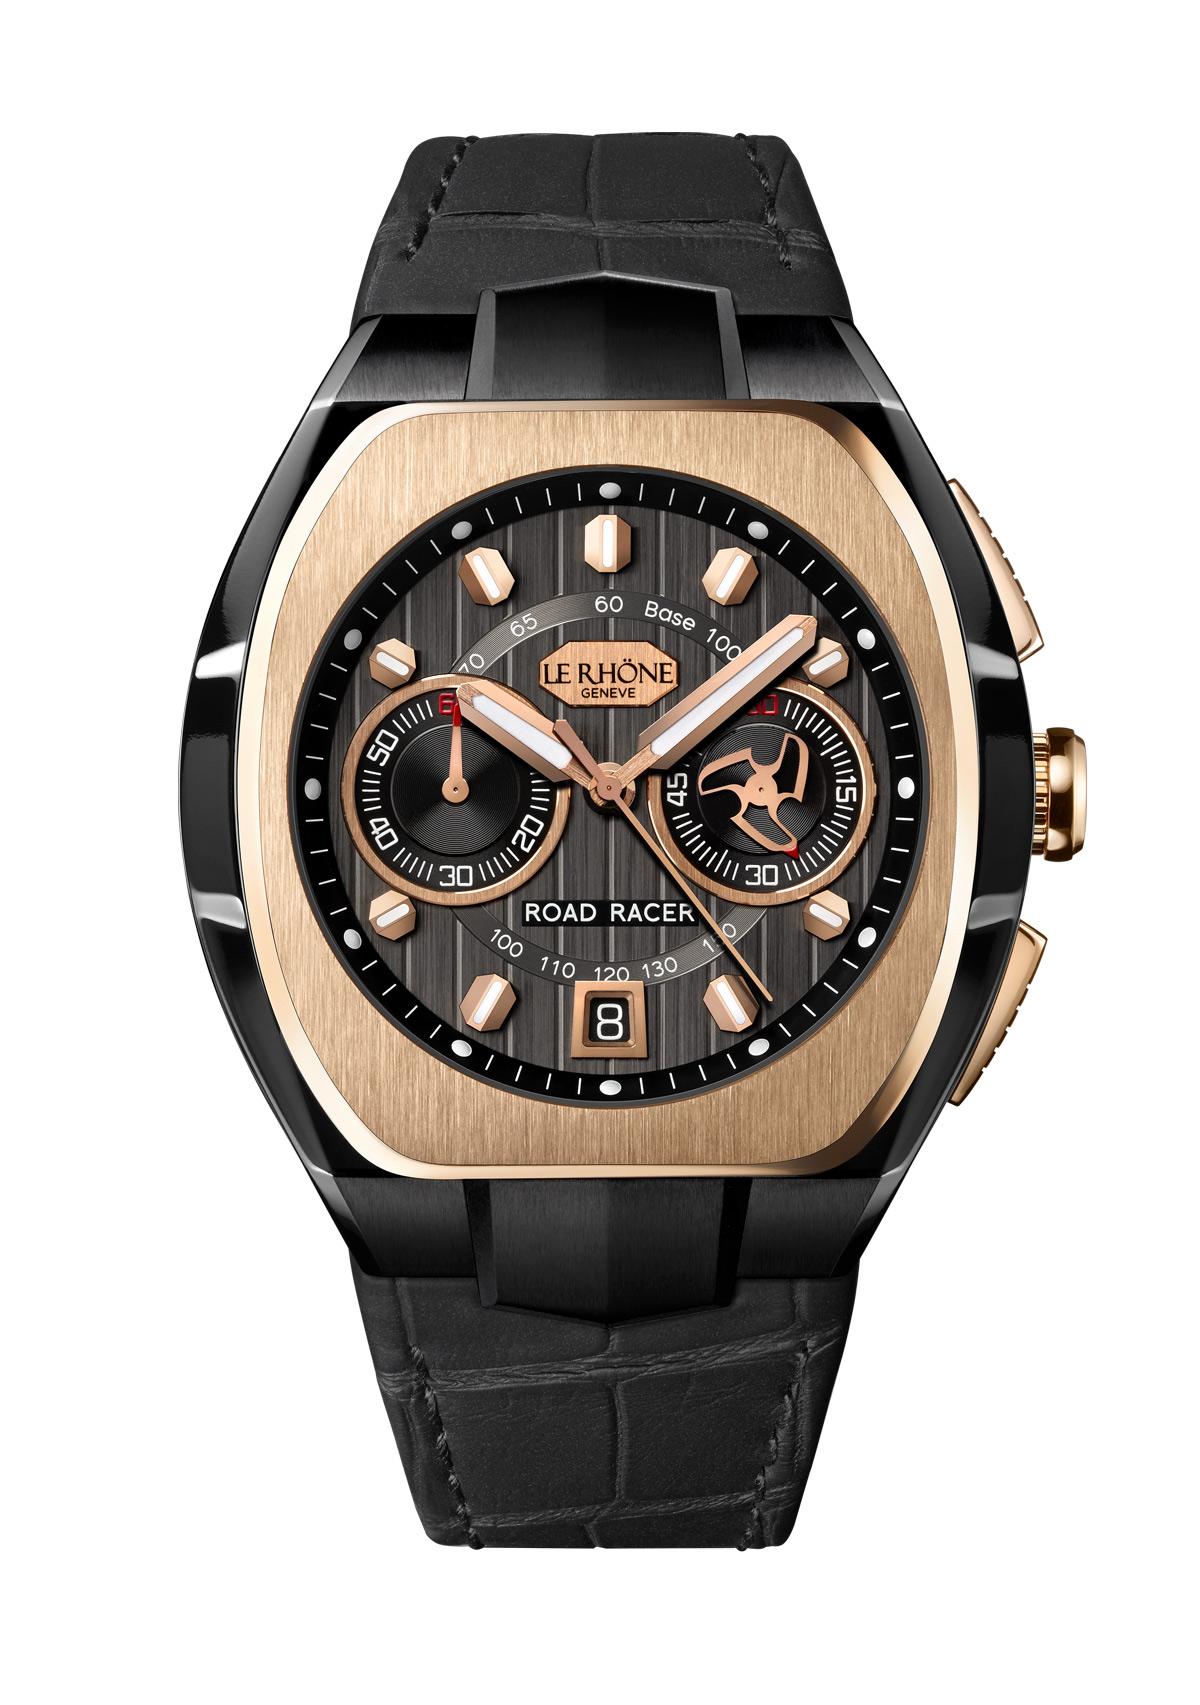 road-racer-le-rhone-watch-R1DP099-1-A99D